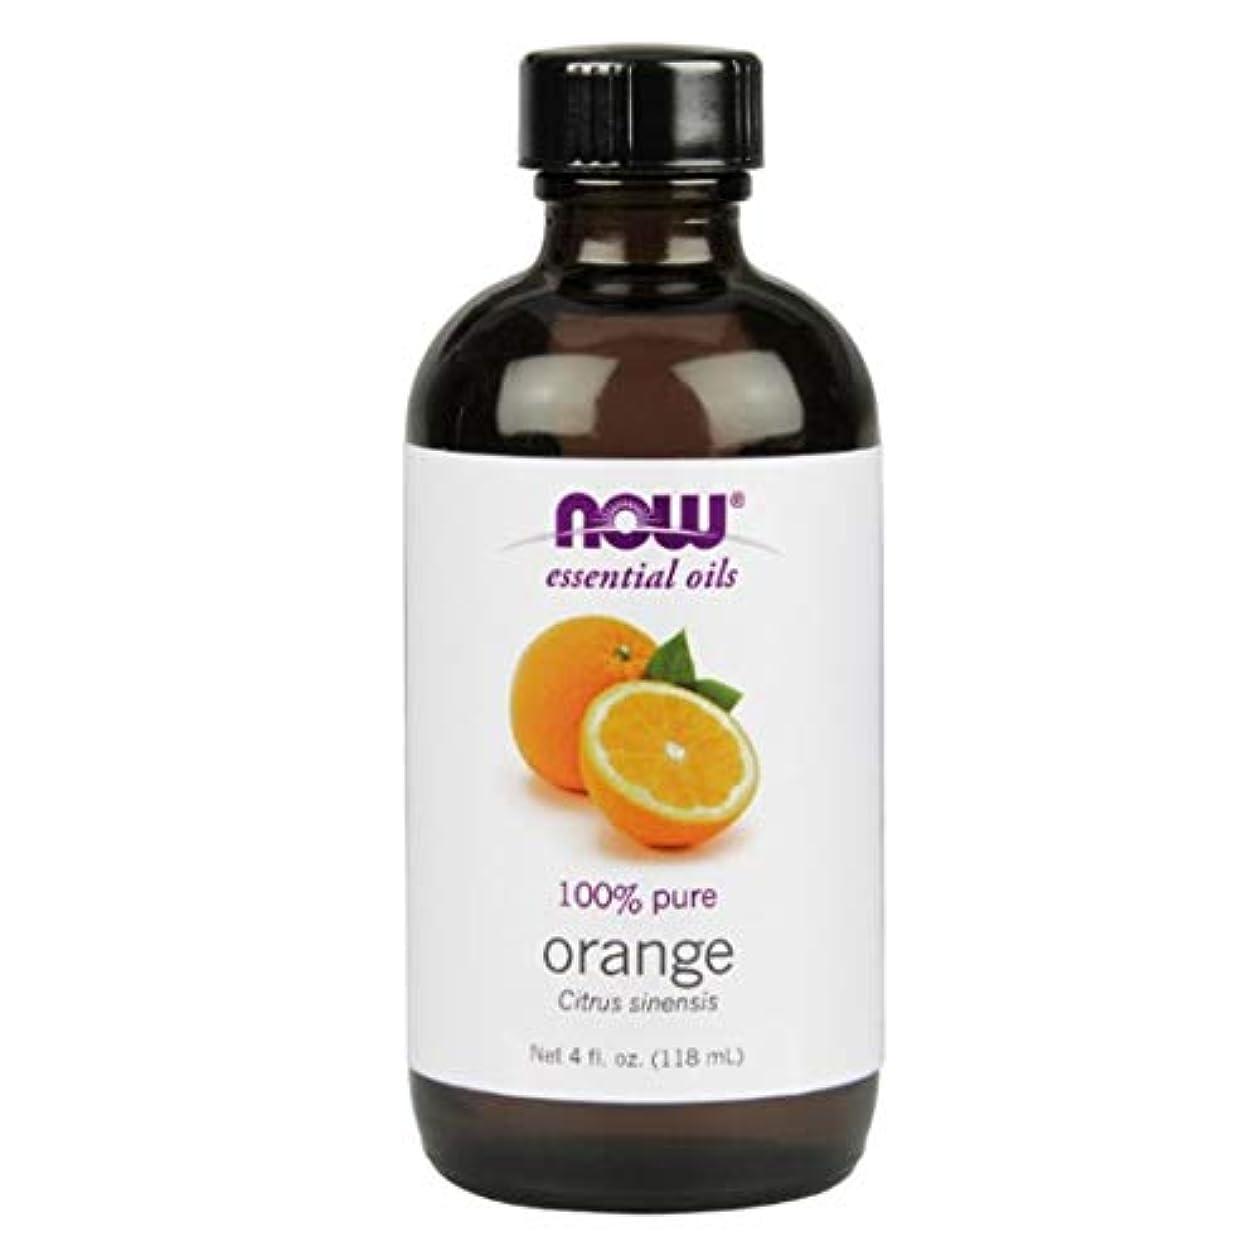 犠牲お勧め品Now - Orange Oil 100% Pure 4 oz (118 ml) [並行輸入品]